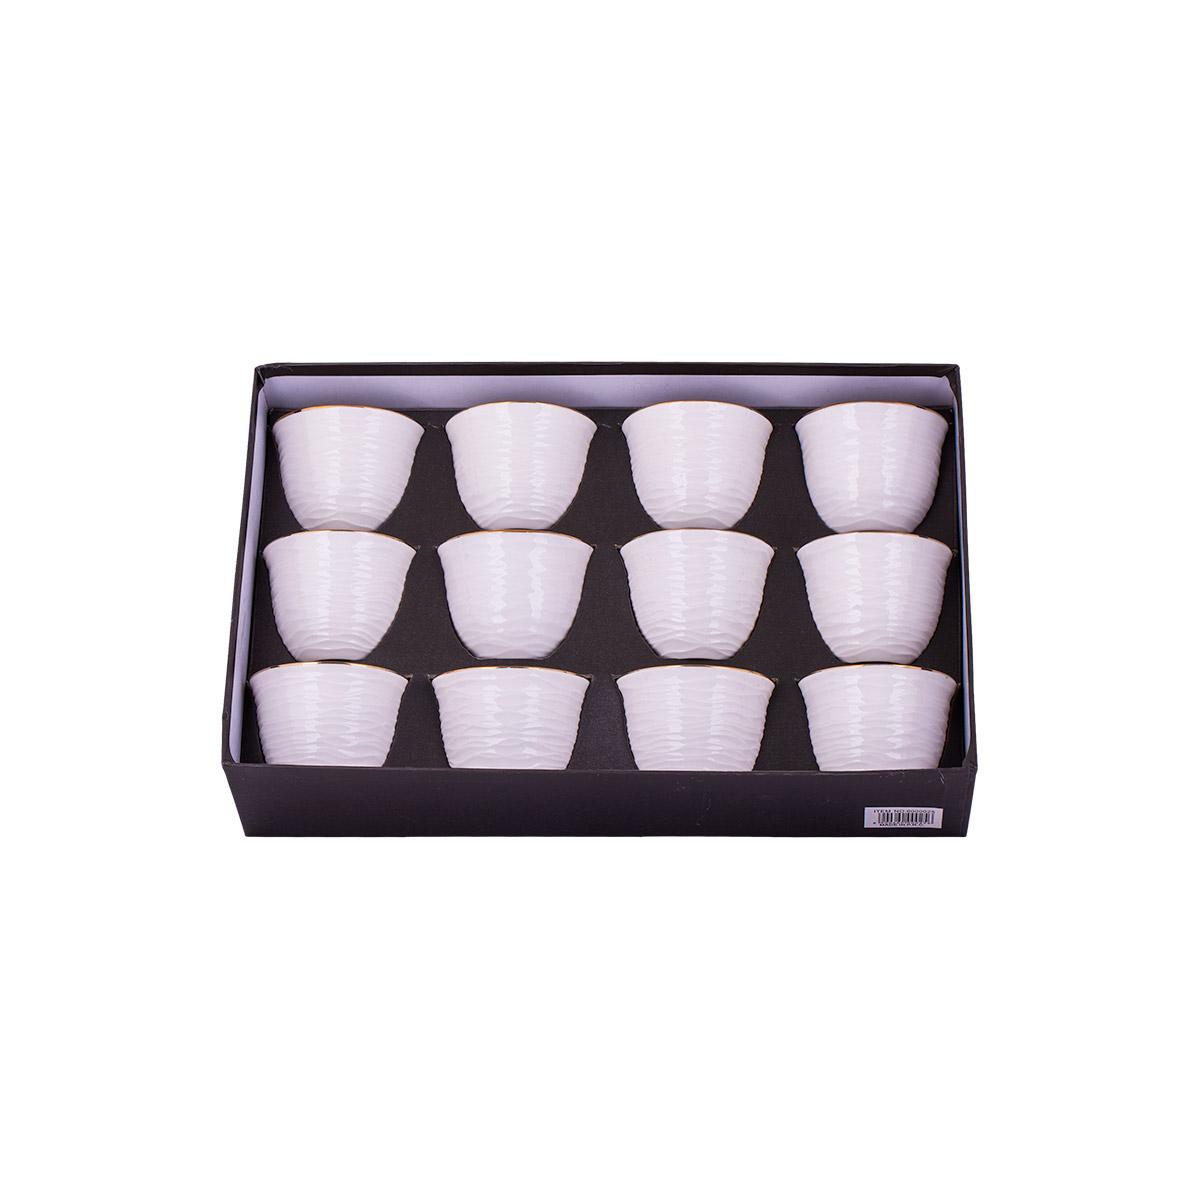 طقم فناجين قهوه سيراميك فاخرة 12 قطعه ذهبي 6000025